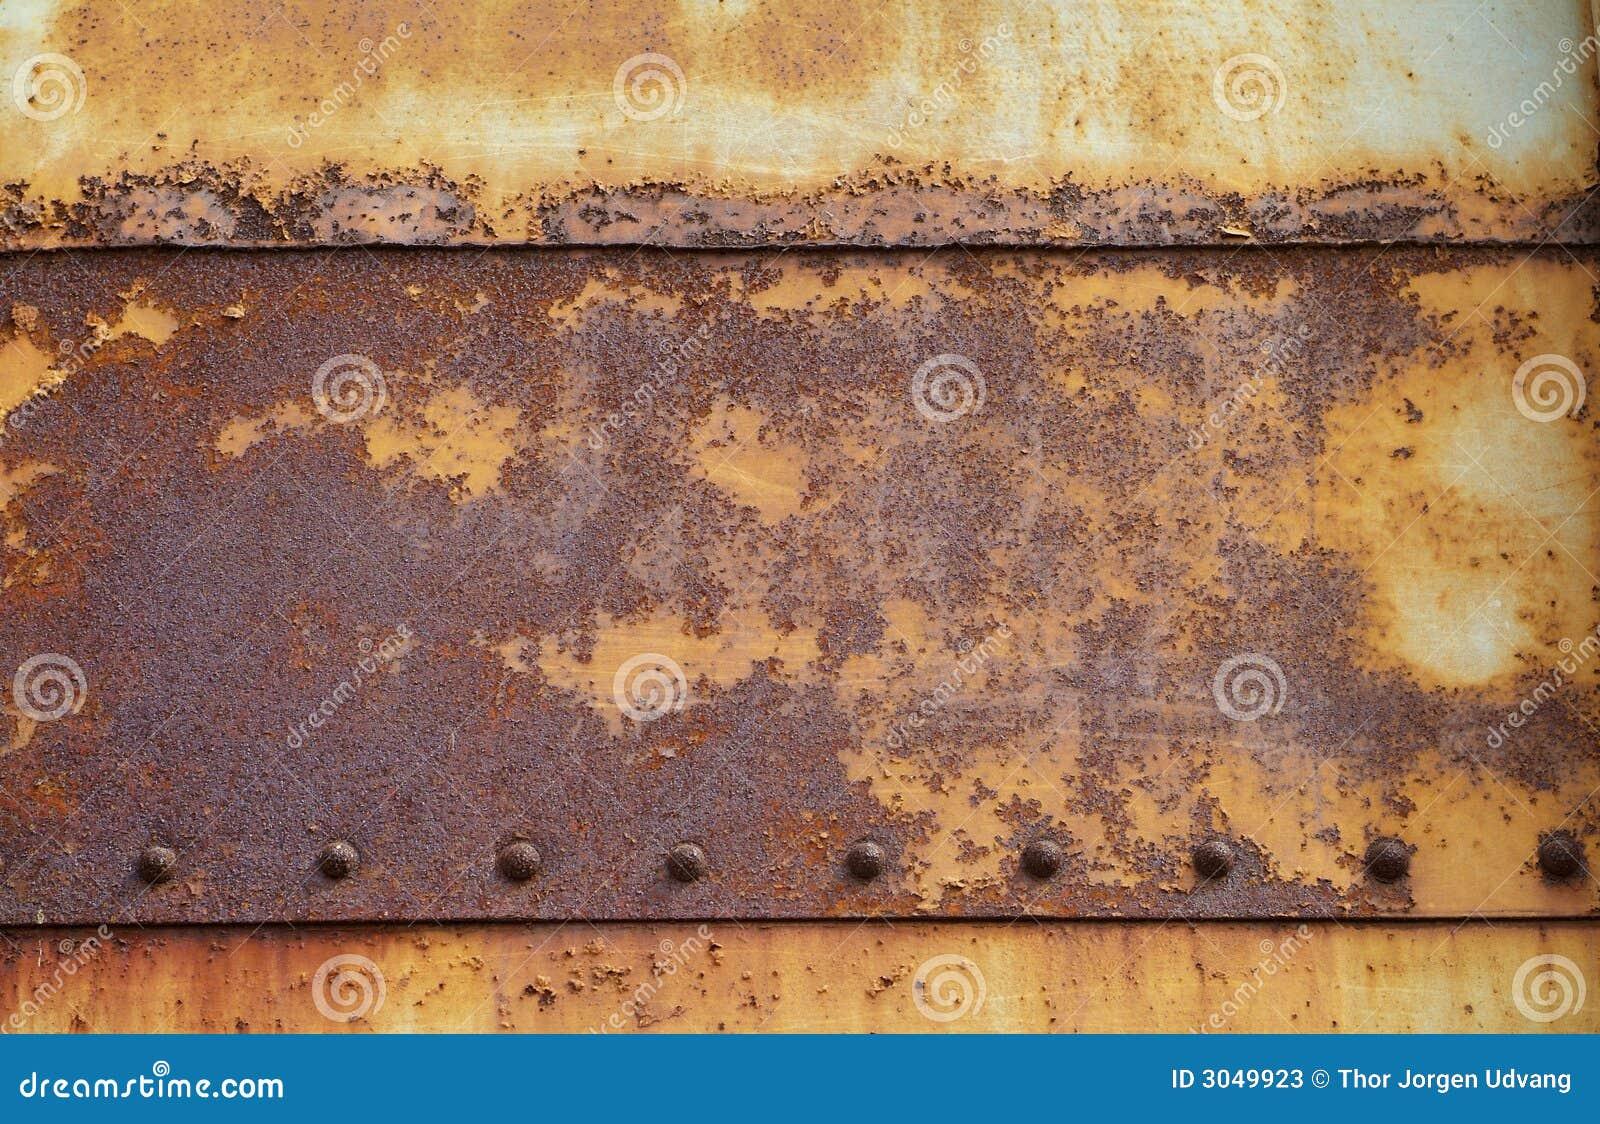 Placas de acero oxidadas viejas fotos de archivo imagen for Placa de acero